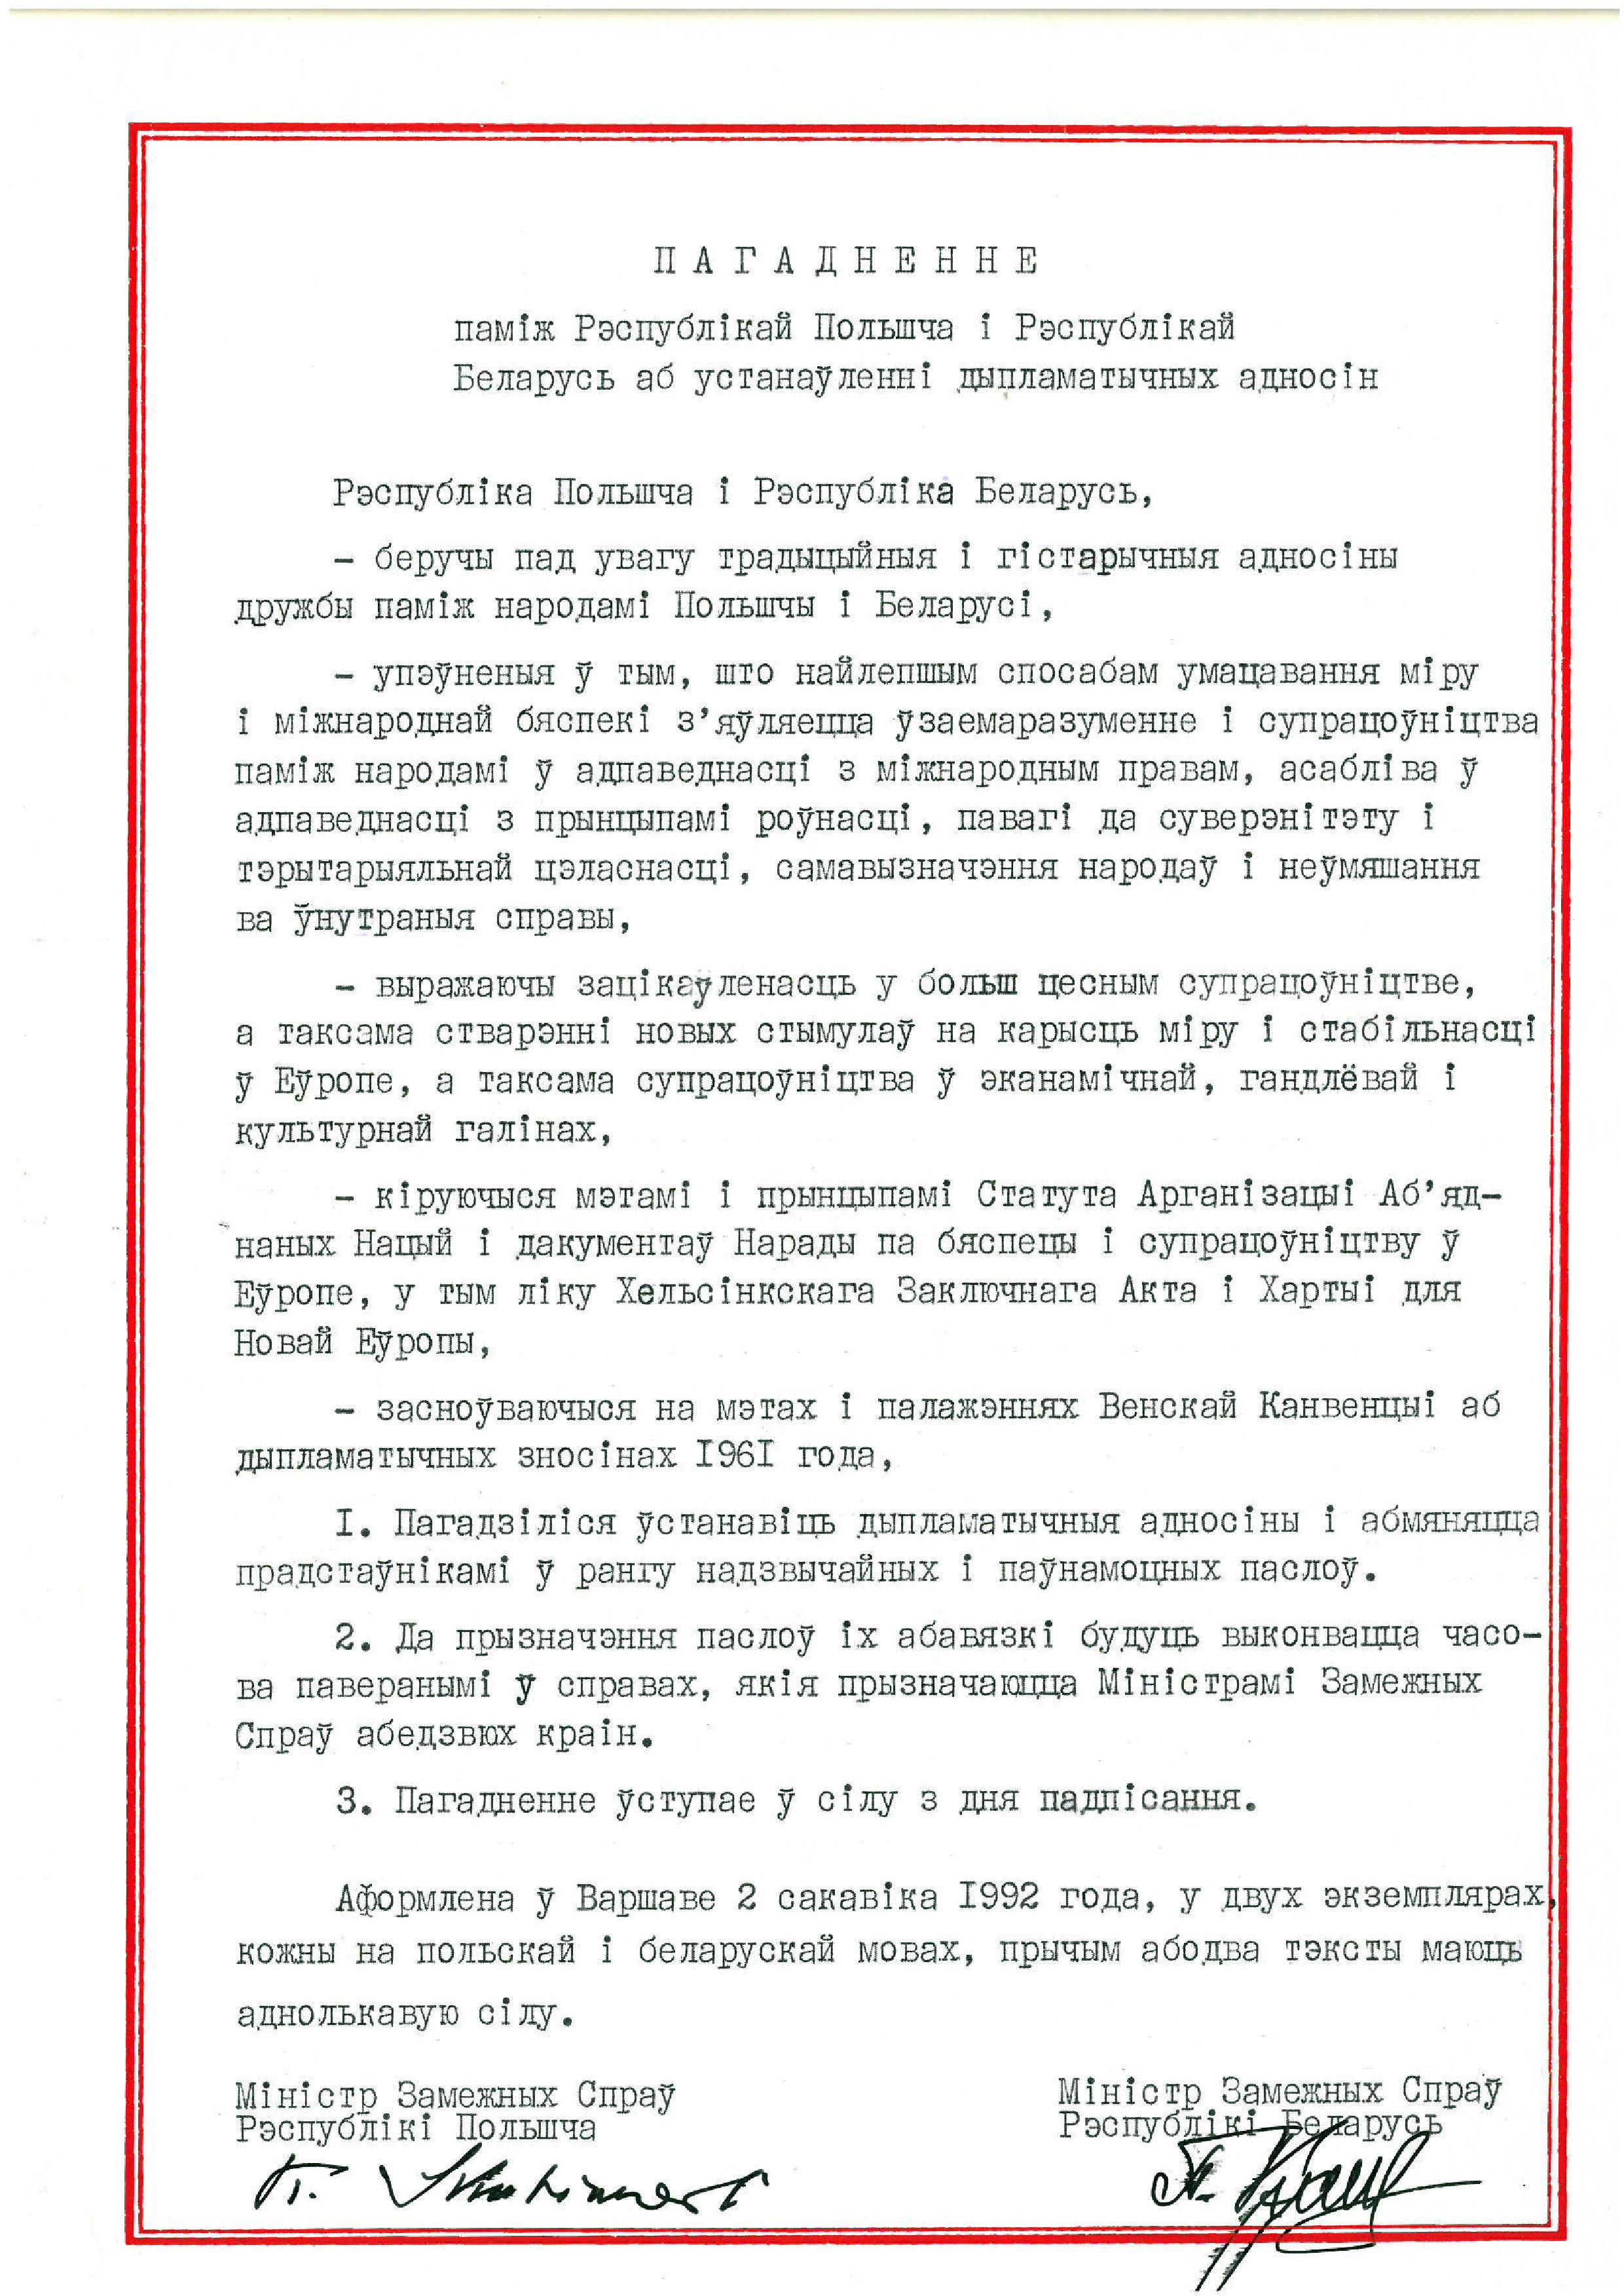 Пагадненне аб усталяванні дыпламатычных адносін паміж Беларуссю і Польшчай